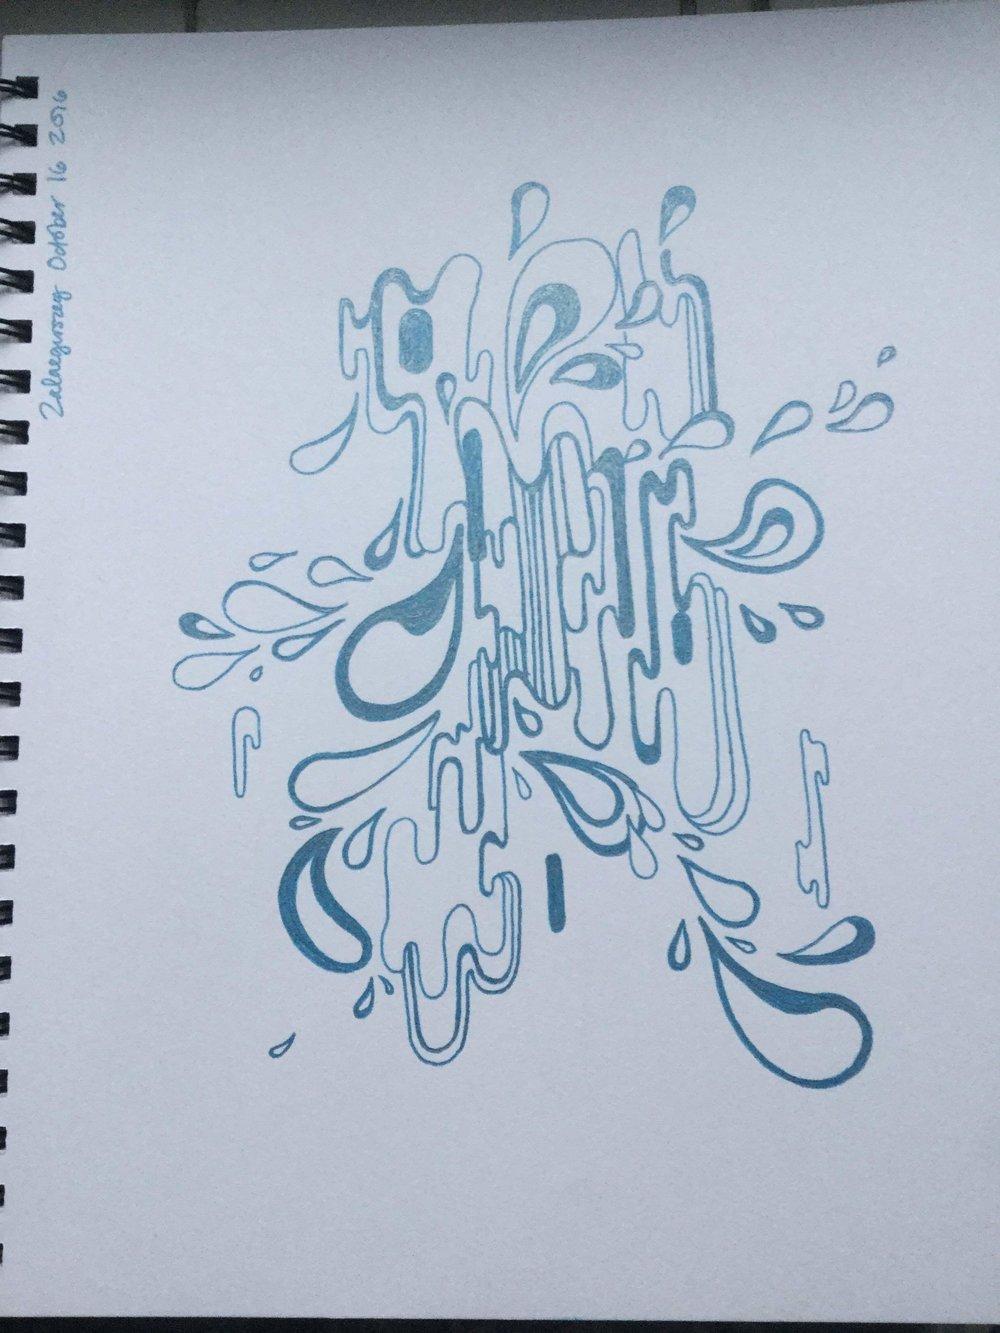 Inktober Challenge - Wet